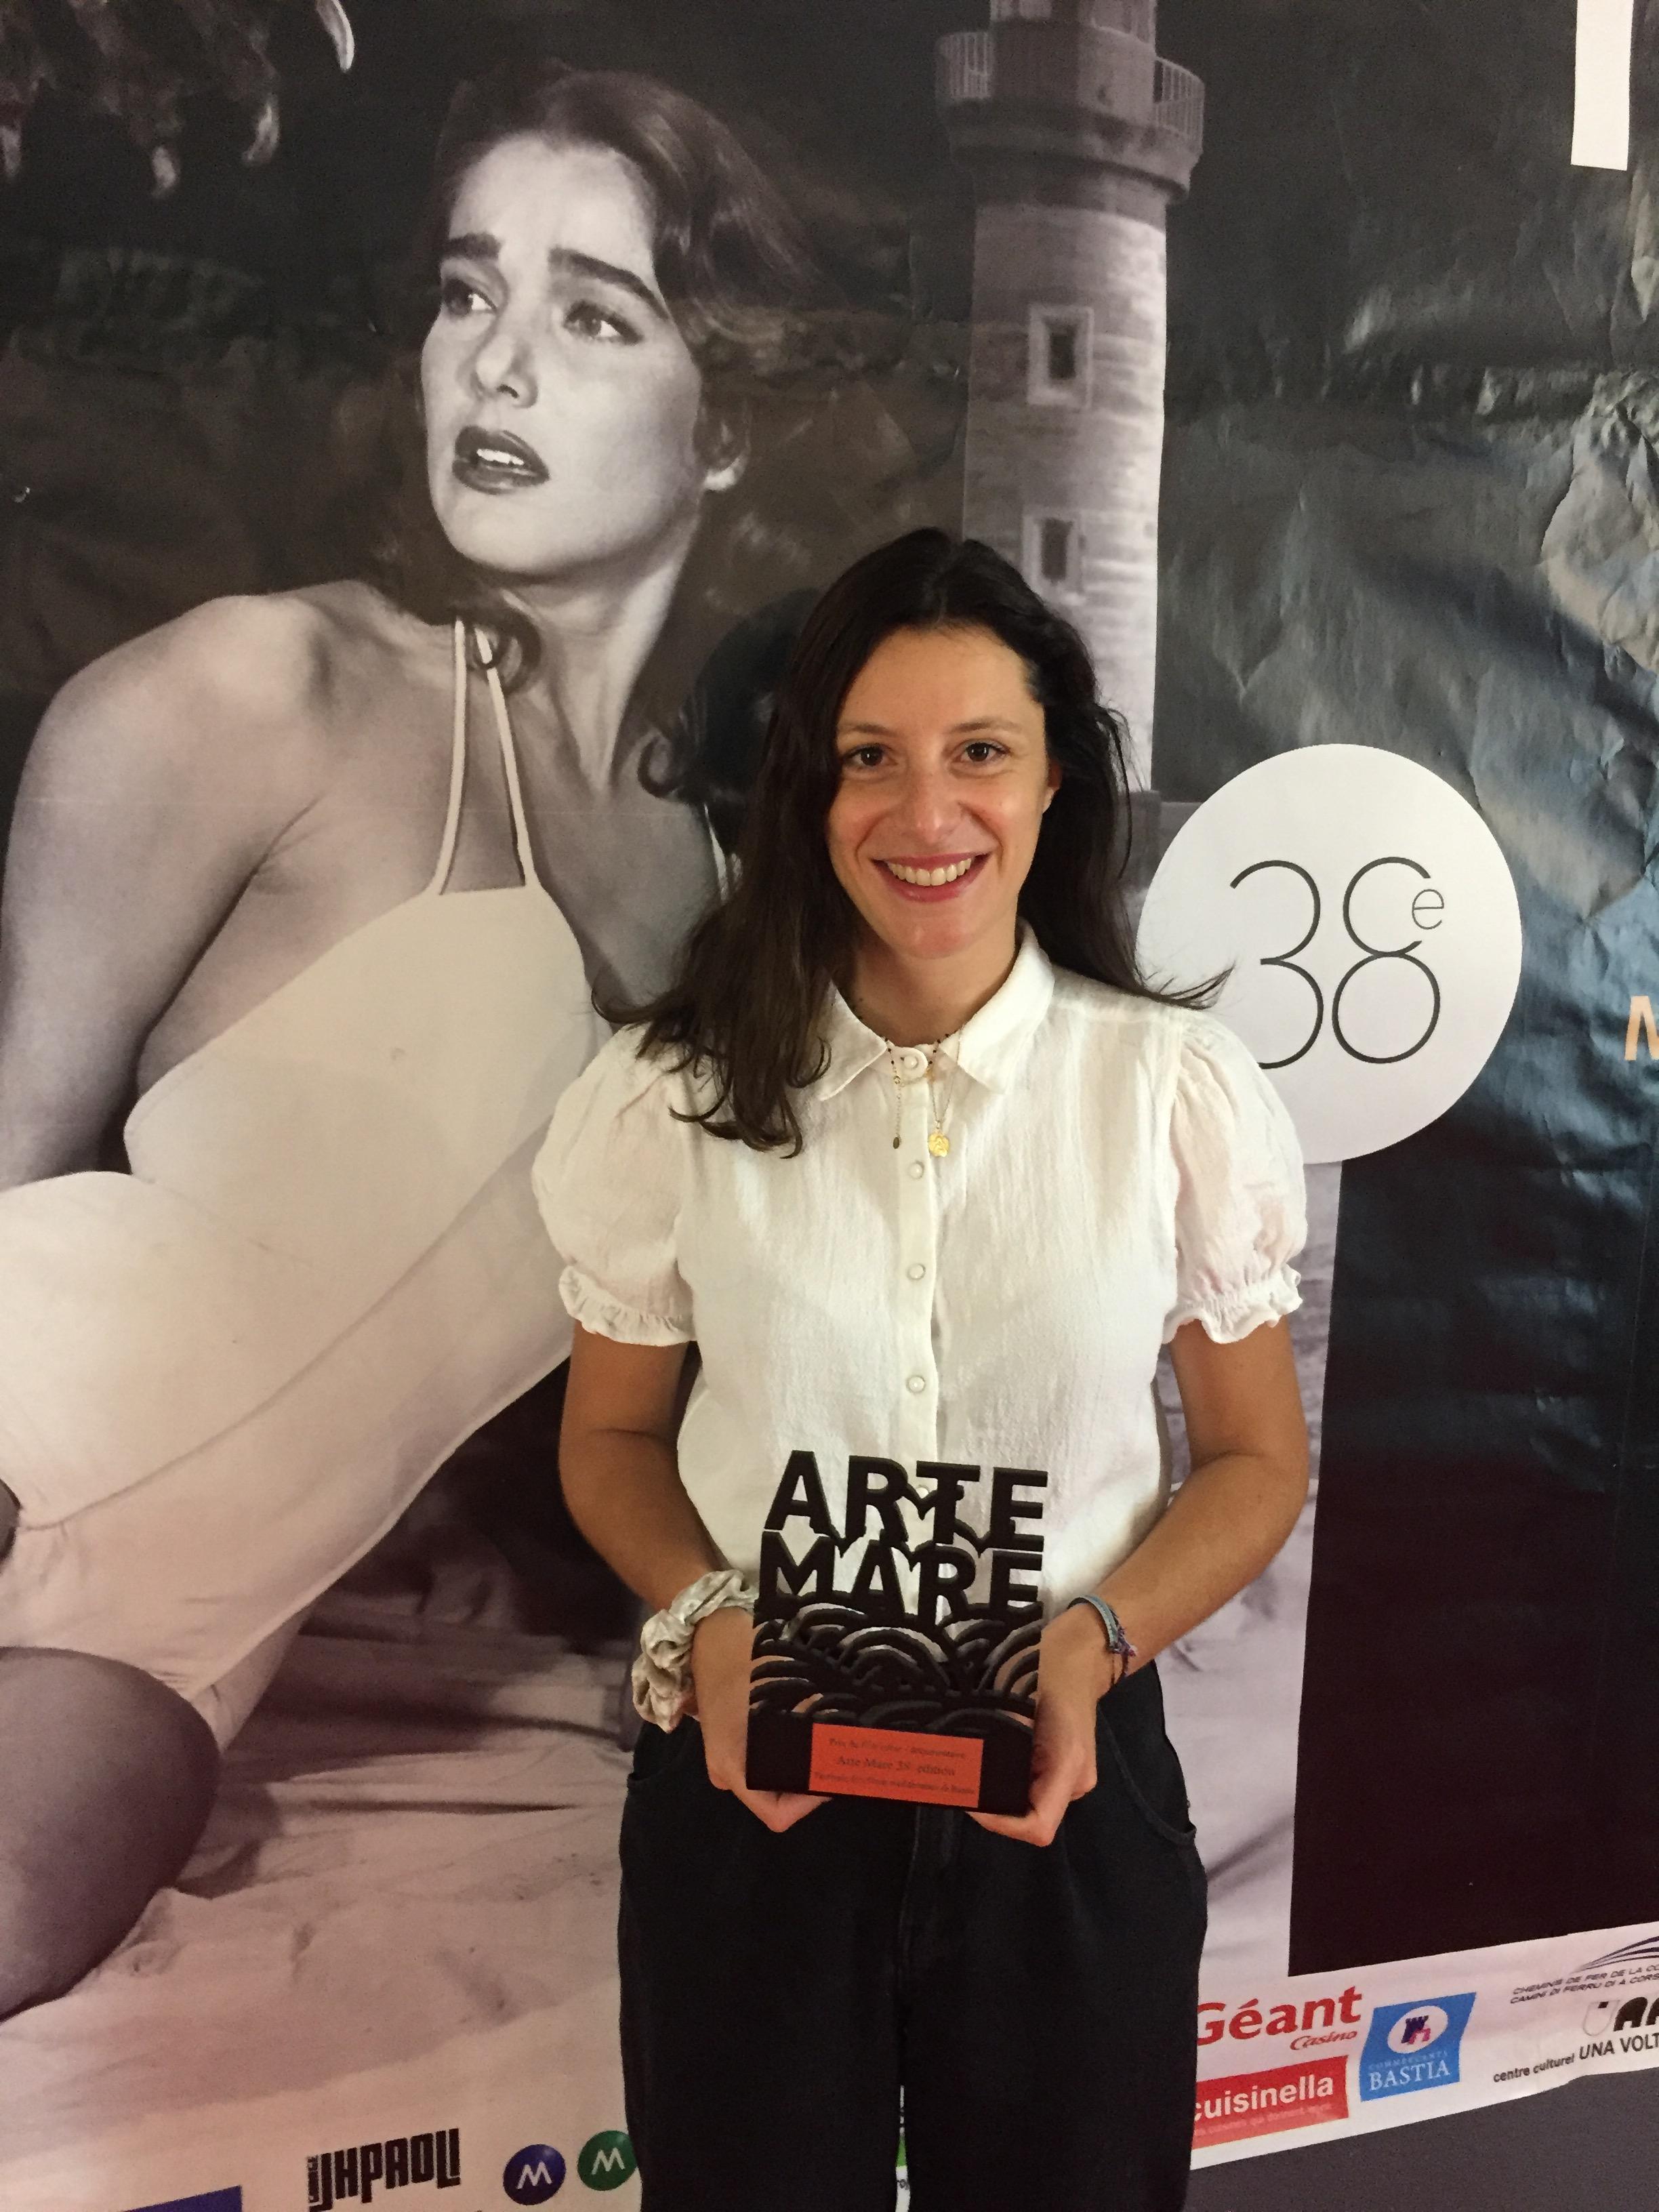 VIDEO - Océane Court-Mallaroni, lauréate du prix Arte Mare de la compétition corse